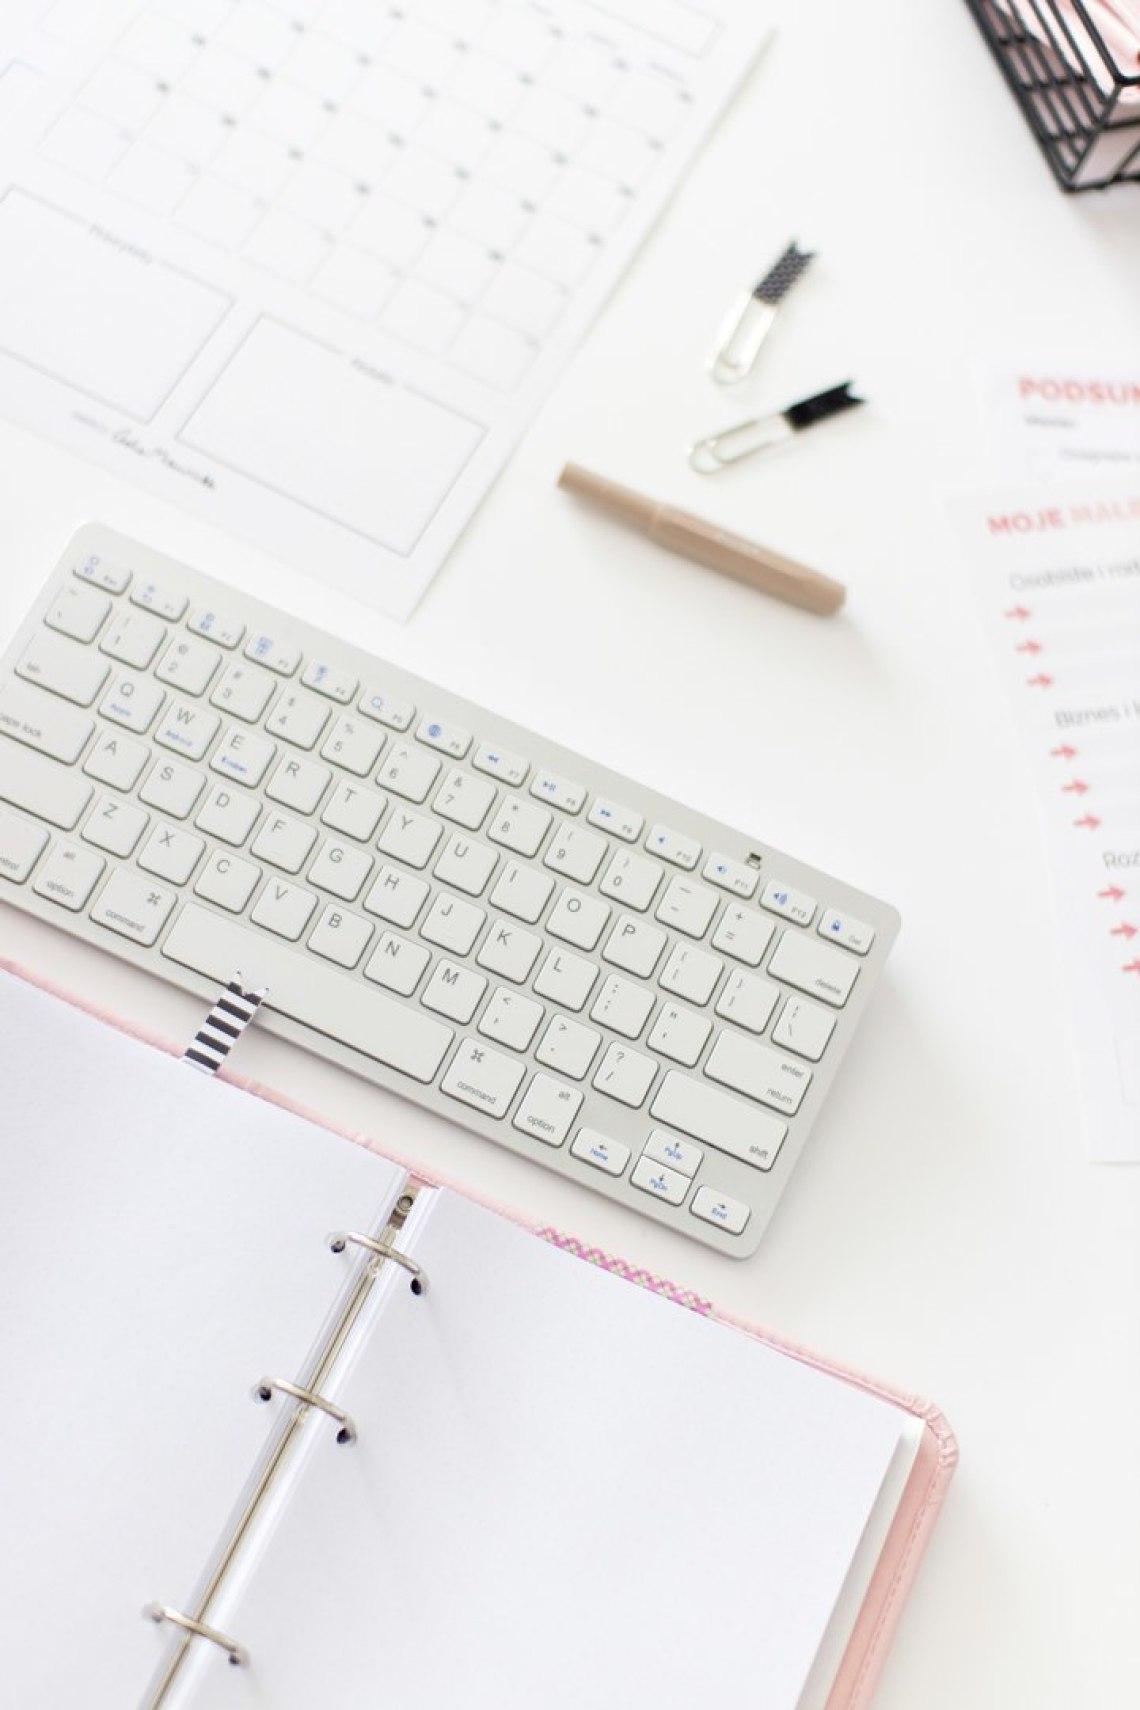 Czym jest produktywność? Jedna, najważniejsza wskazówka natemat produktywności. https://www.ewelinamierzwinska.pl/blog/czym-jest-produktywnosc